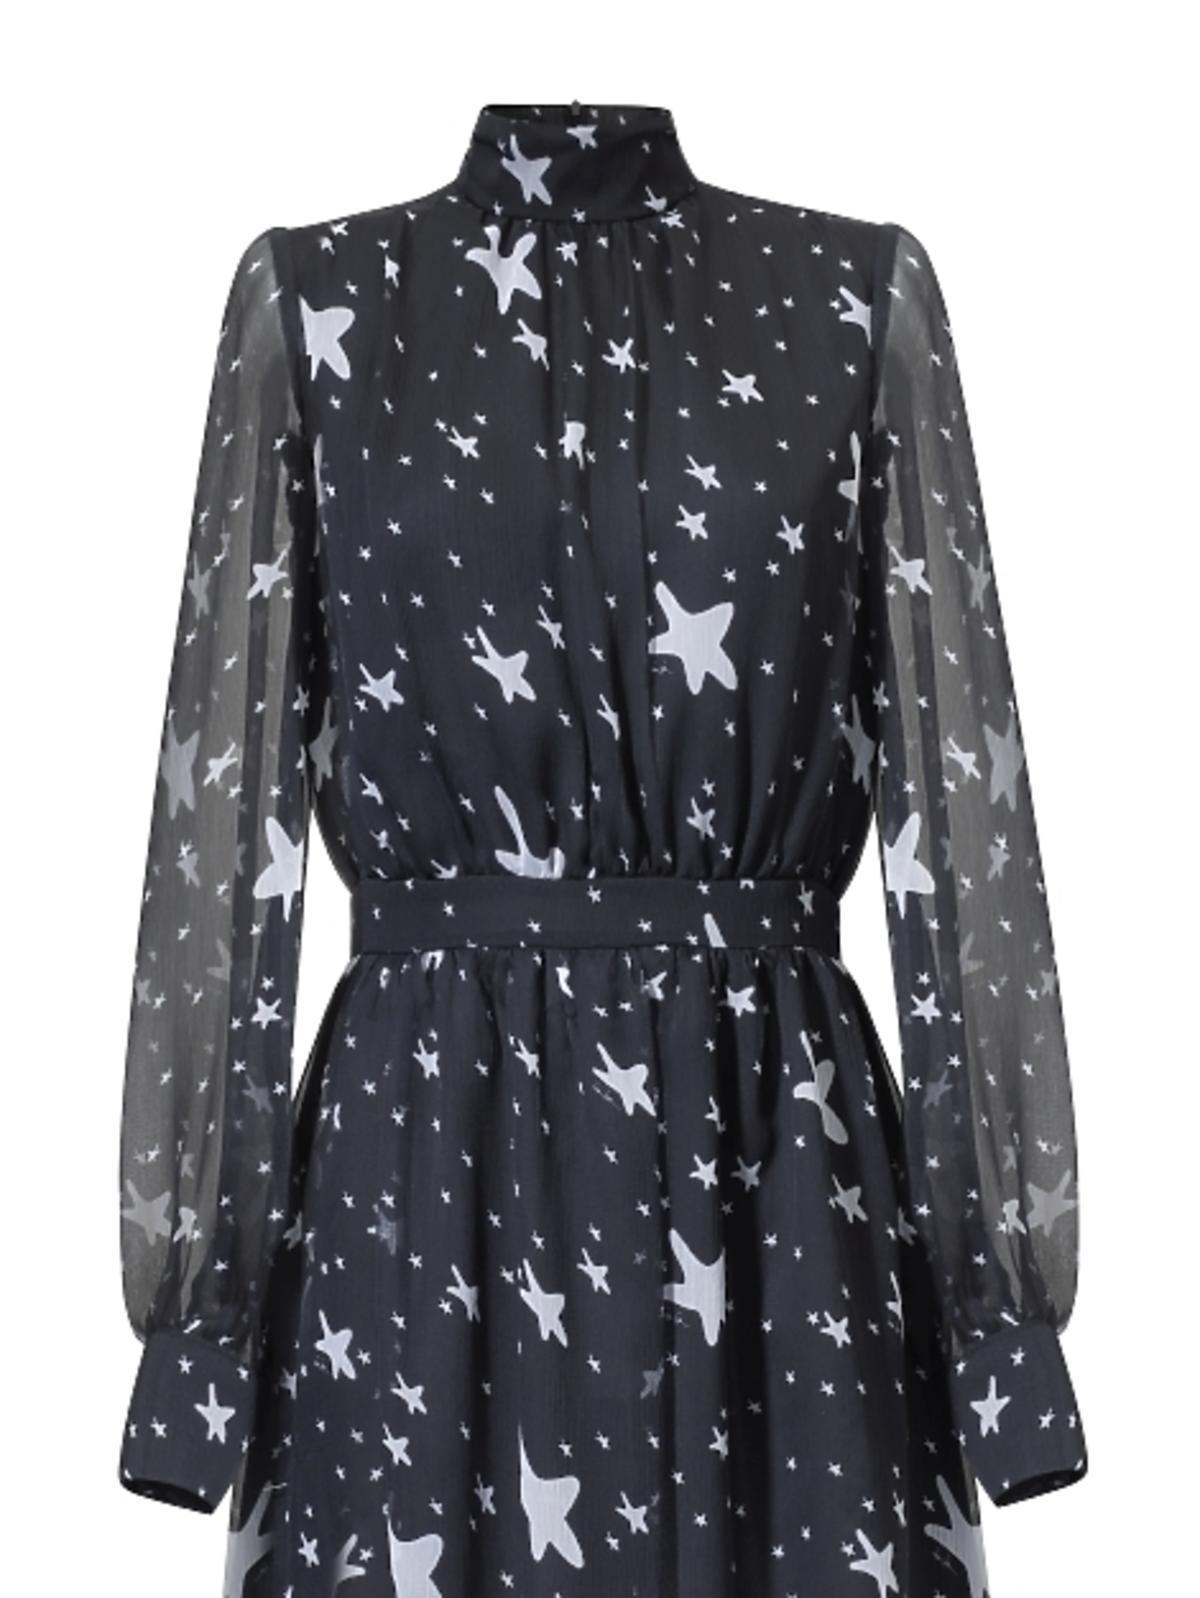 Sukienka czarna w gwiazdki